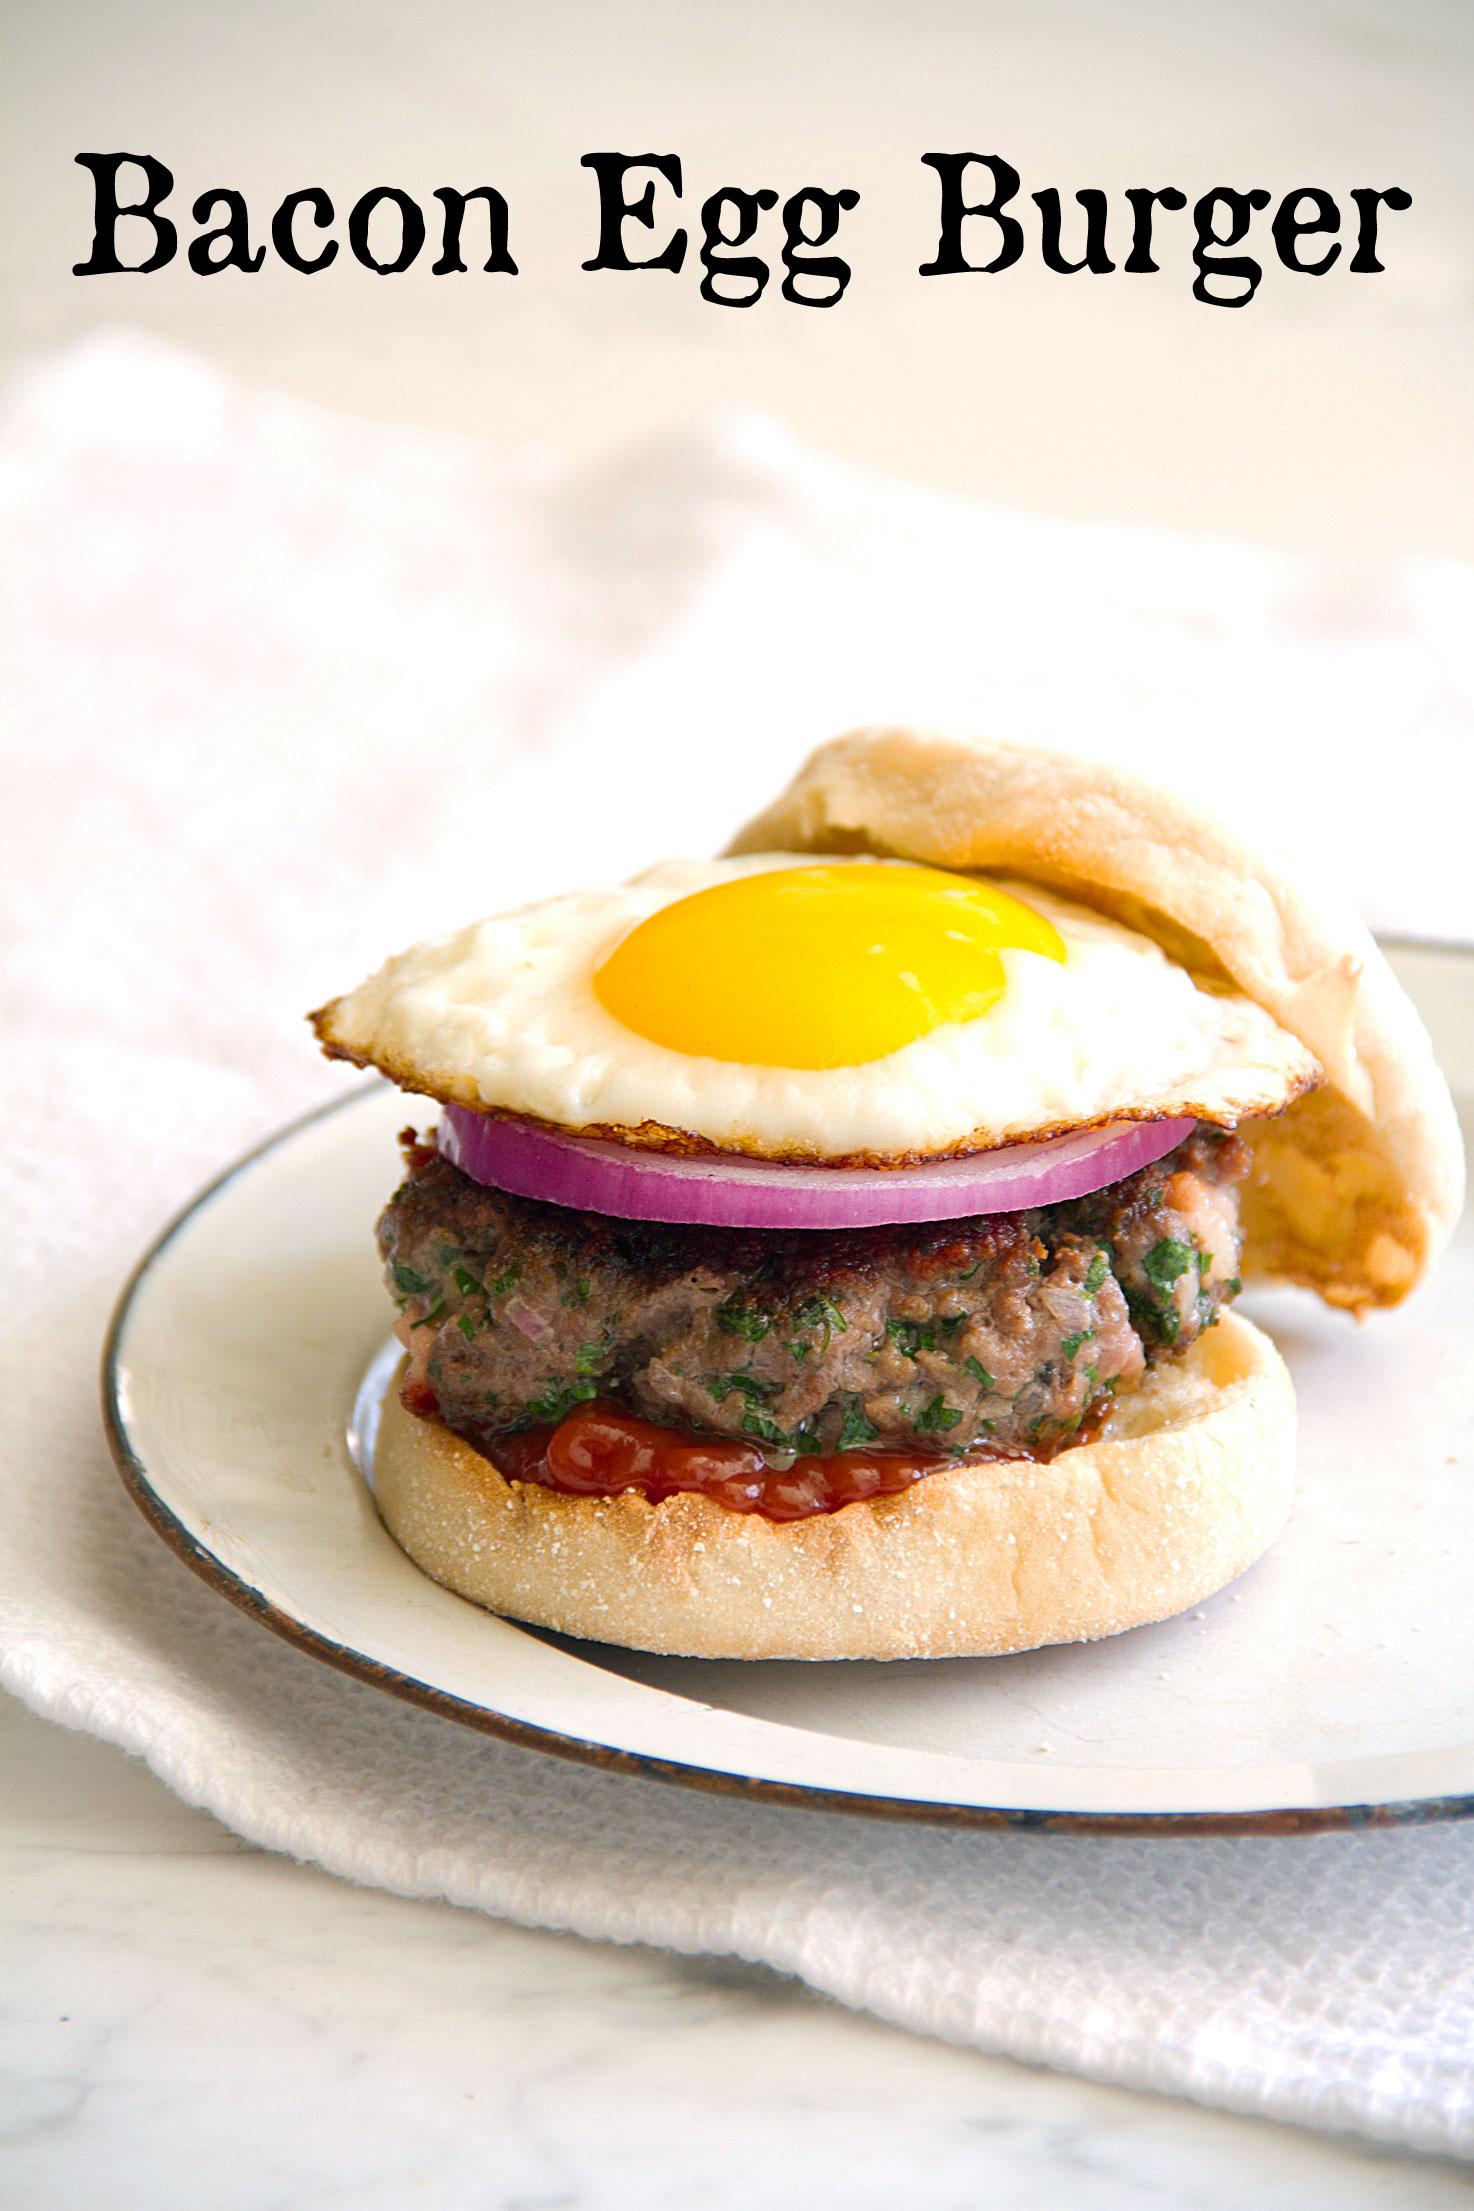 Bacon Egg Burger